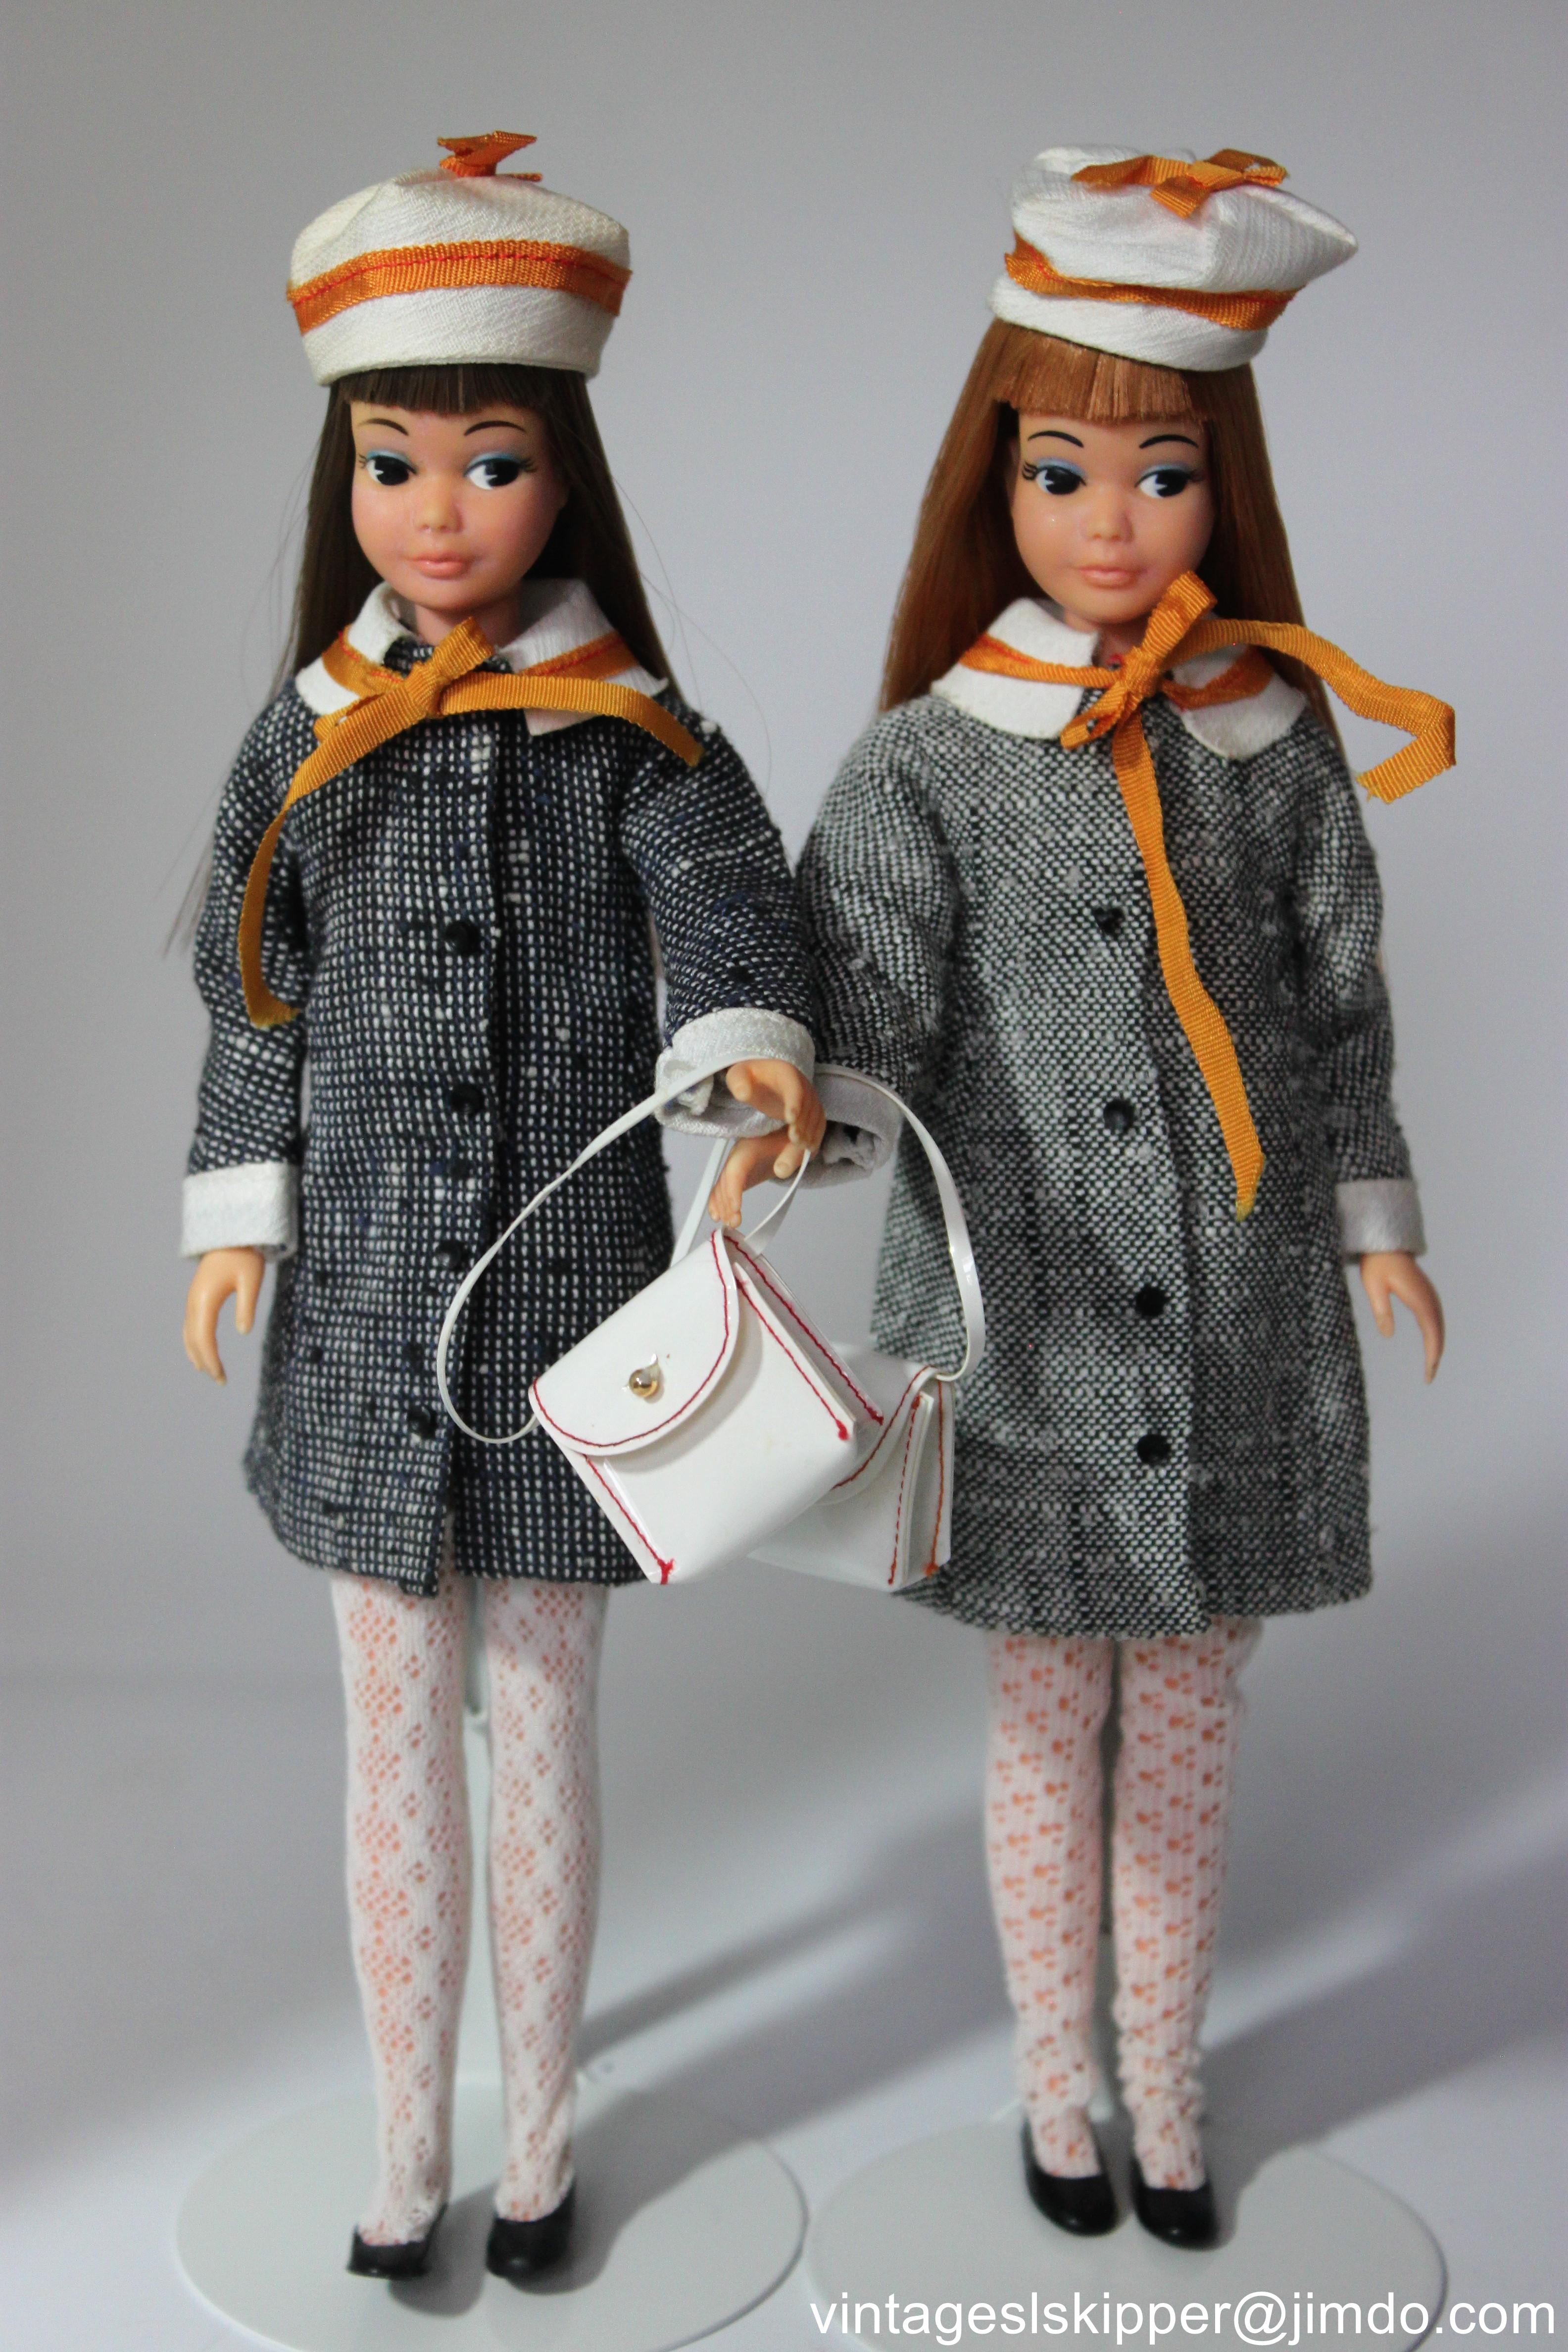 A Guide To Vintage Skipper Dolls Skipper Website